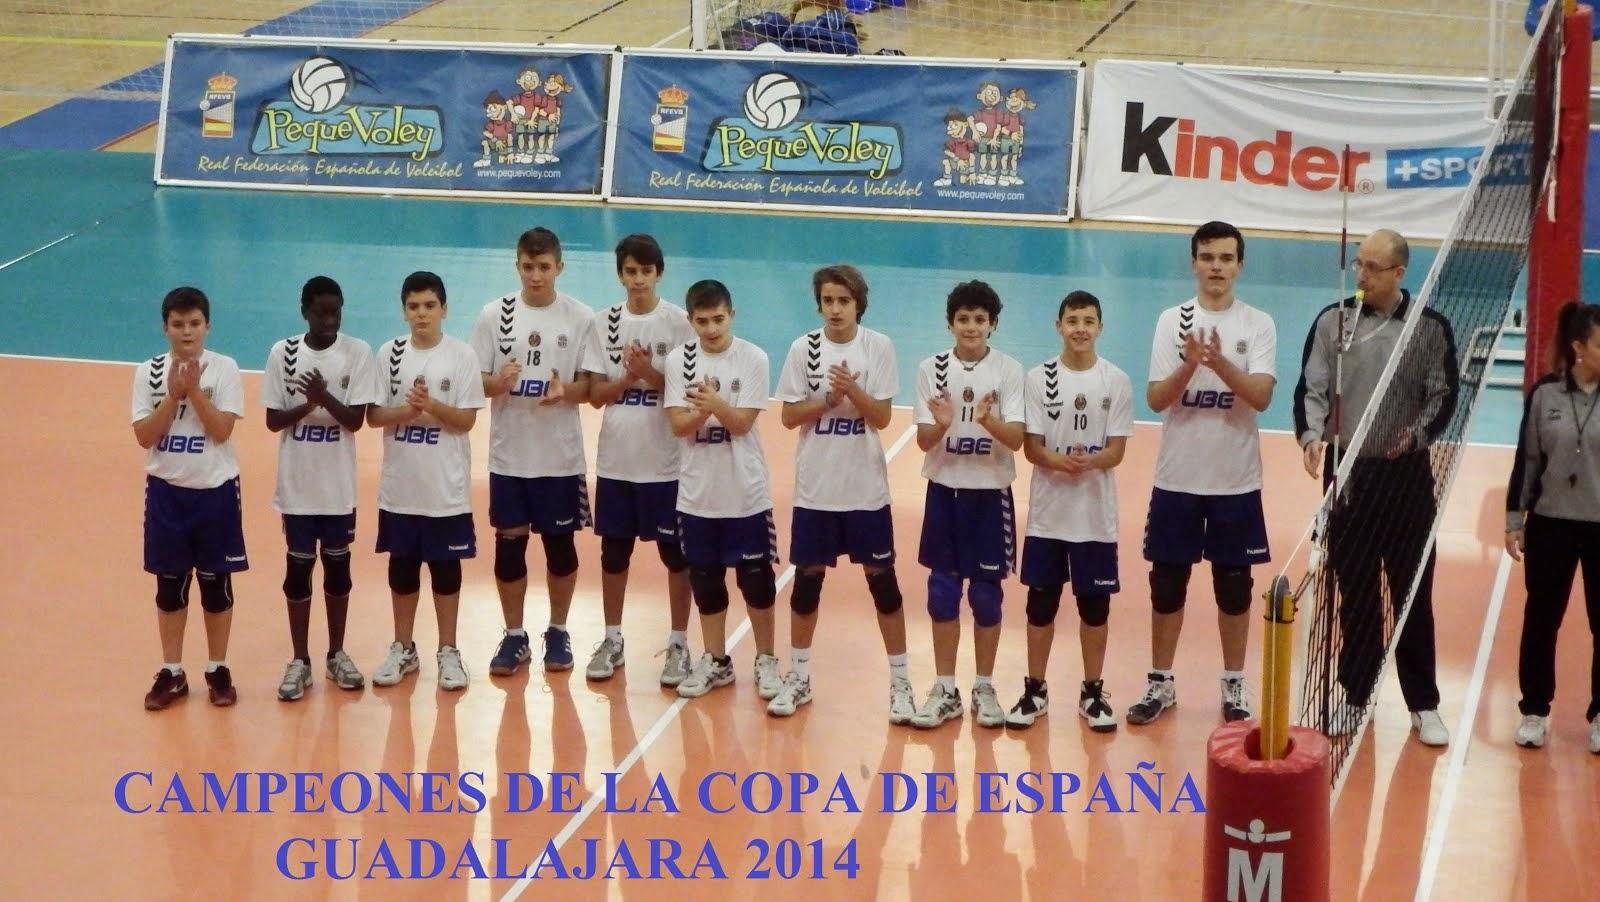 campeones copa españa 2014